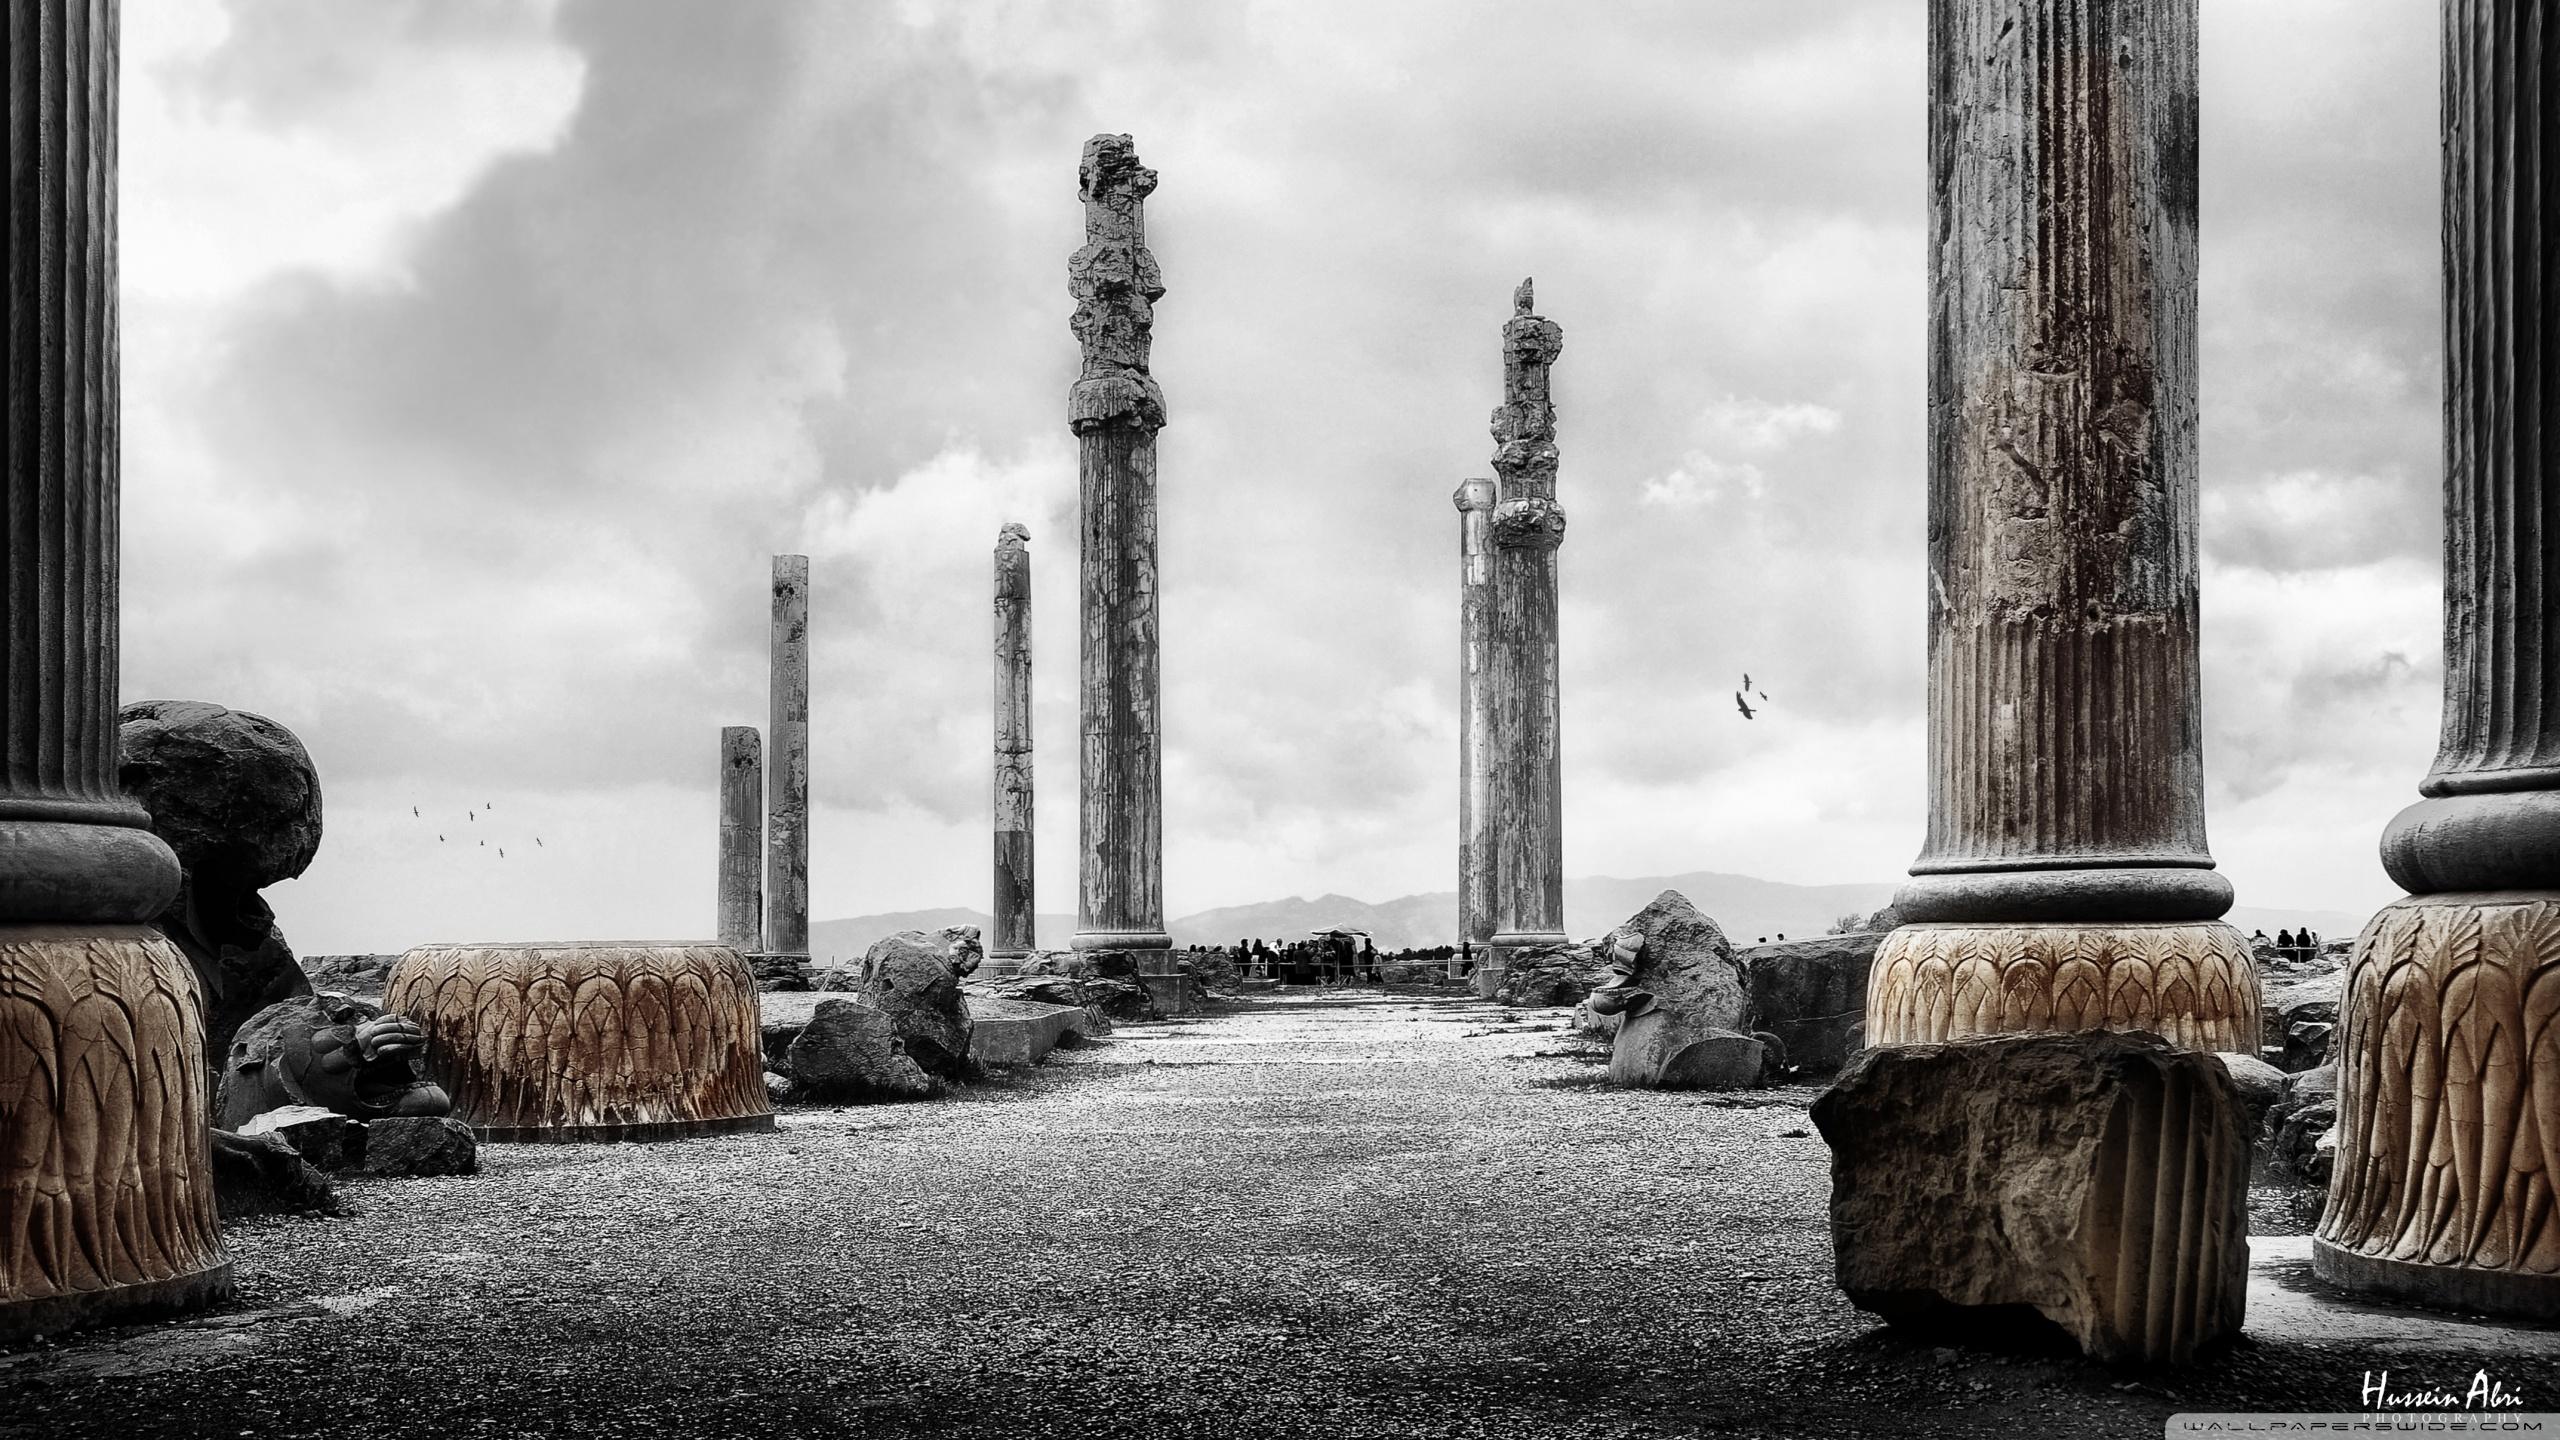 18] Persepolis City Wallpapers on WallpaperSafari 2560x1440